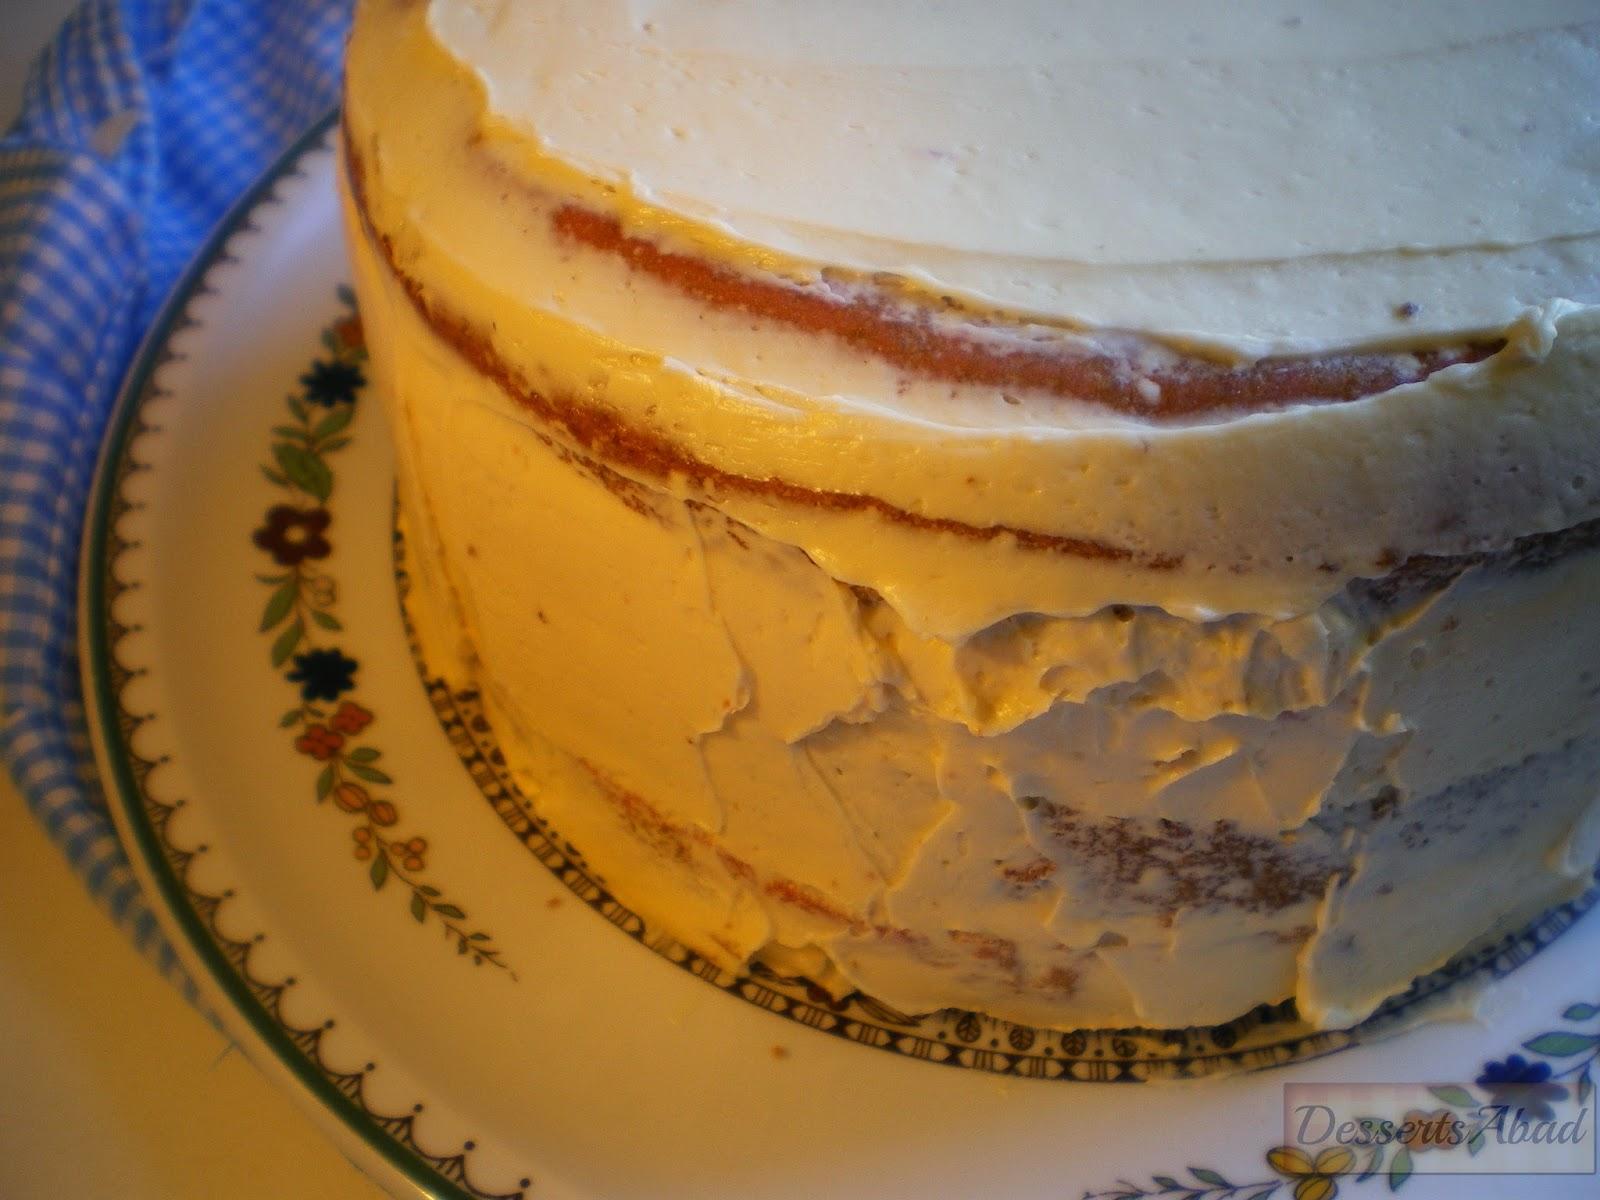 Vamp Attack Cake (Frosting de vainilla)